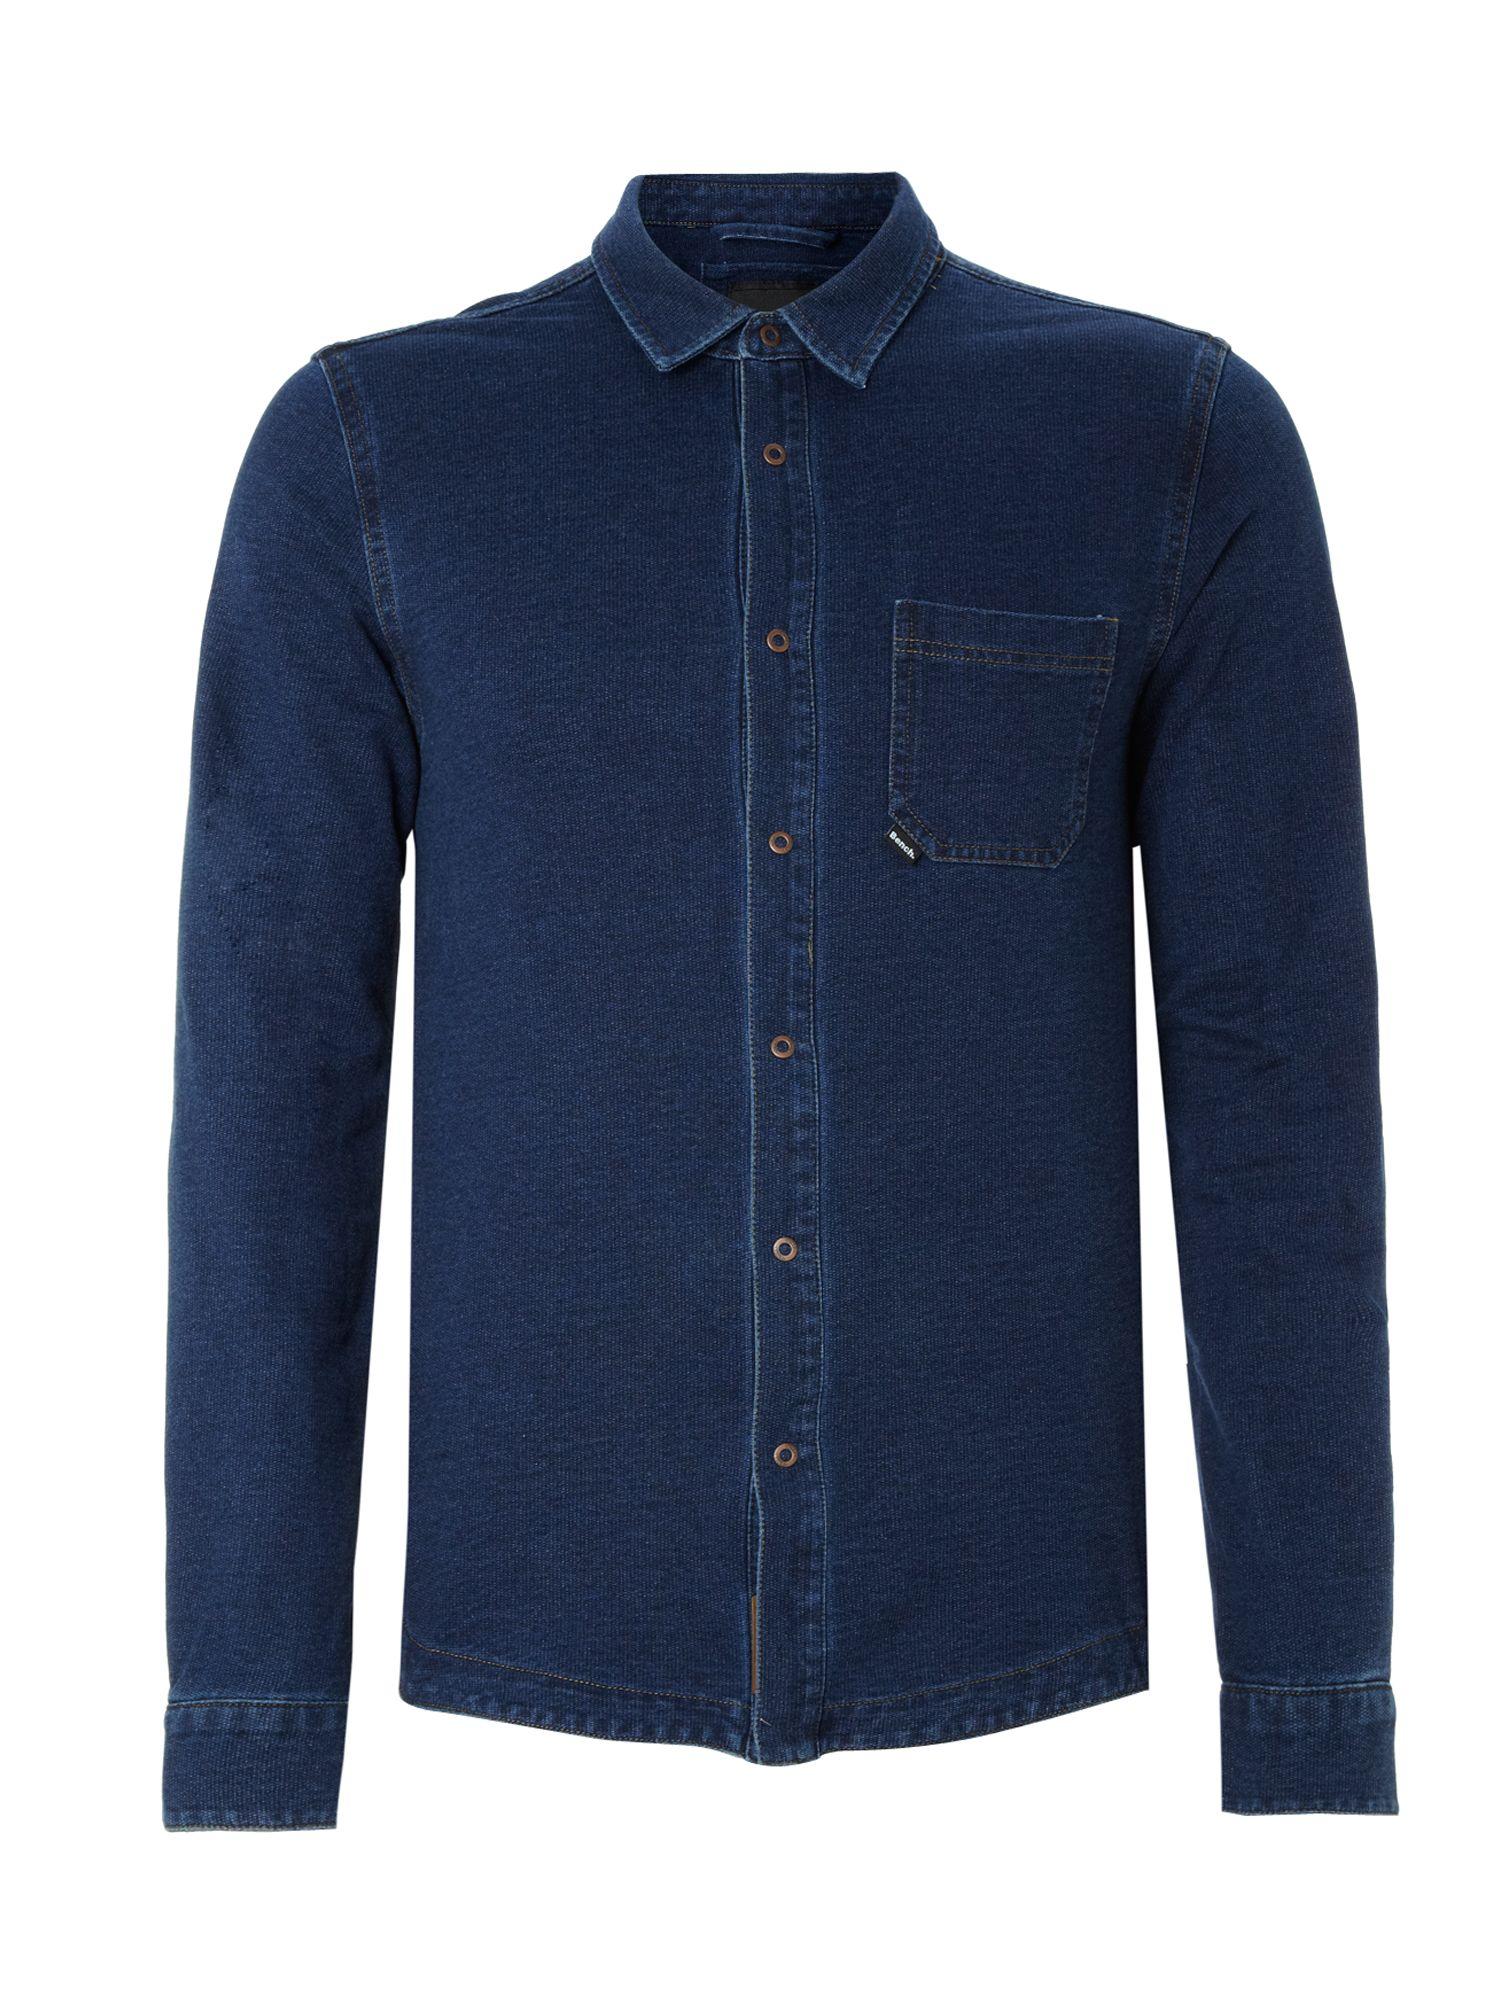 Bench Long Sleeved Denim Shirt In Blue For Men Indigo Lyst